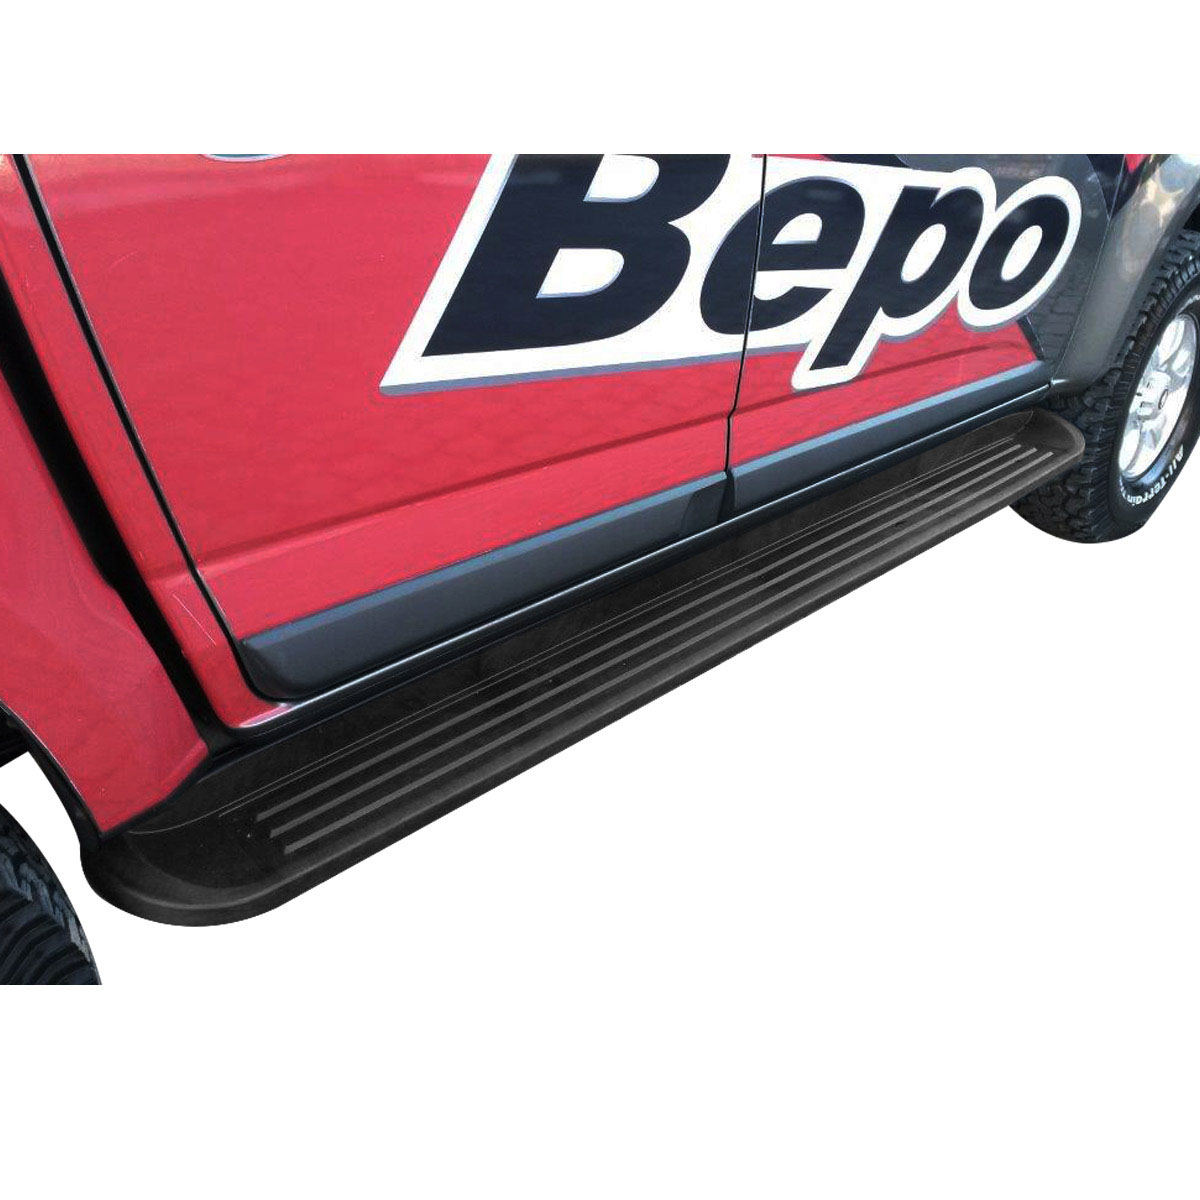 Estribo Nova S10 cabine dupla 2012 a 2017 semelhante original Bepo